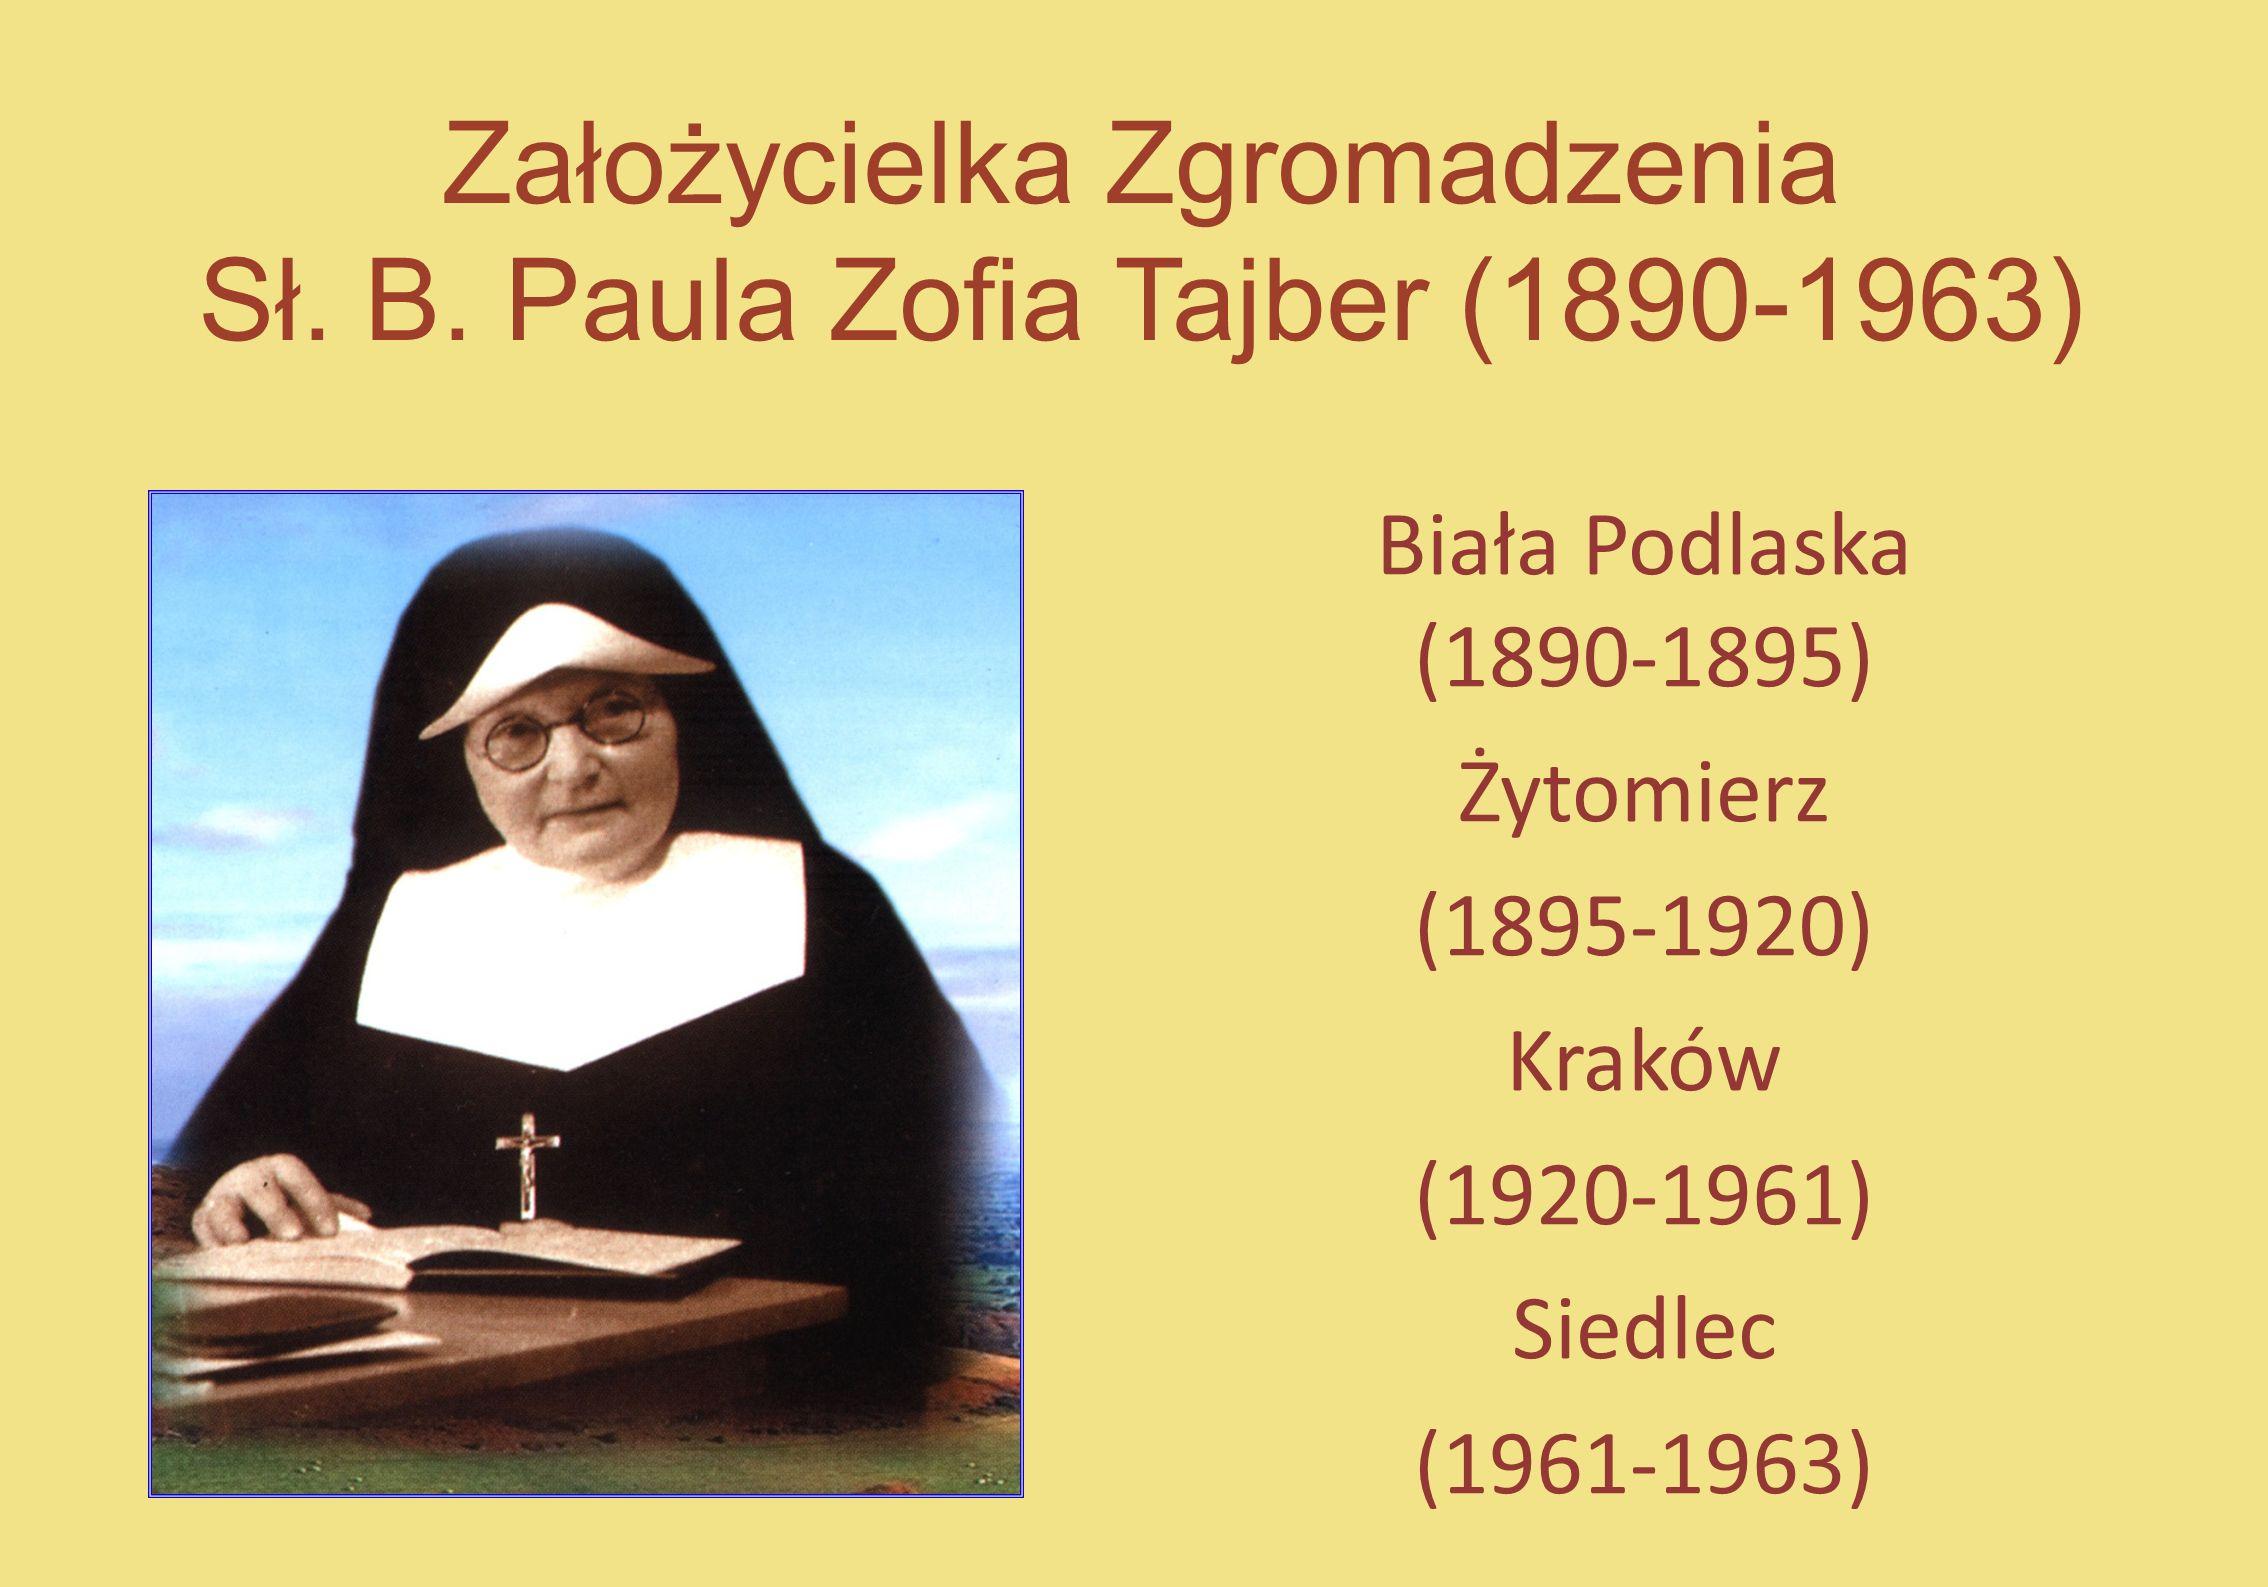 Rodzice Zofii Tajber - Rudolf i Maria z d.Lux Pochodzili z Bystrzycy Kłodzkiej.